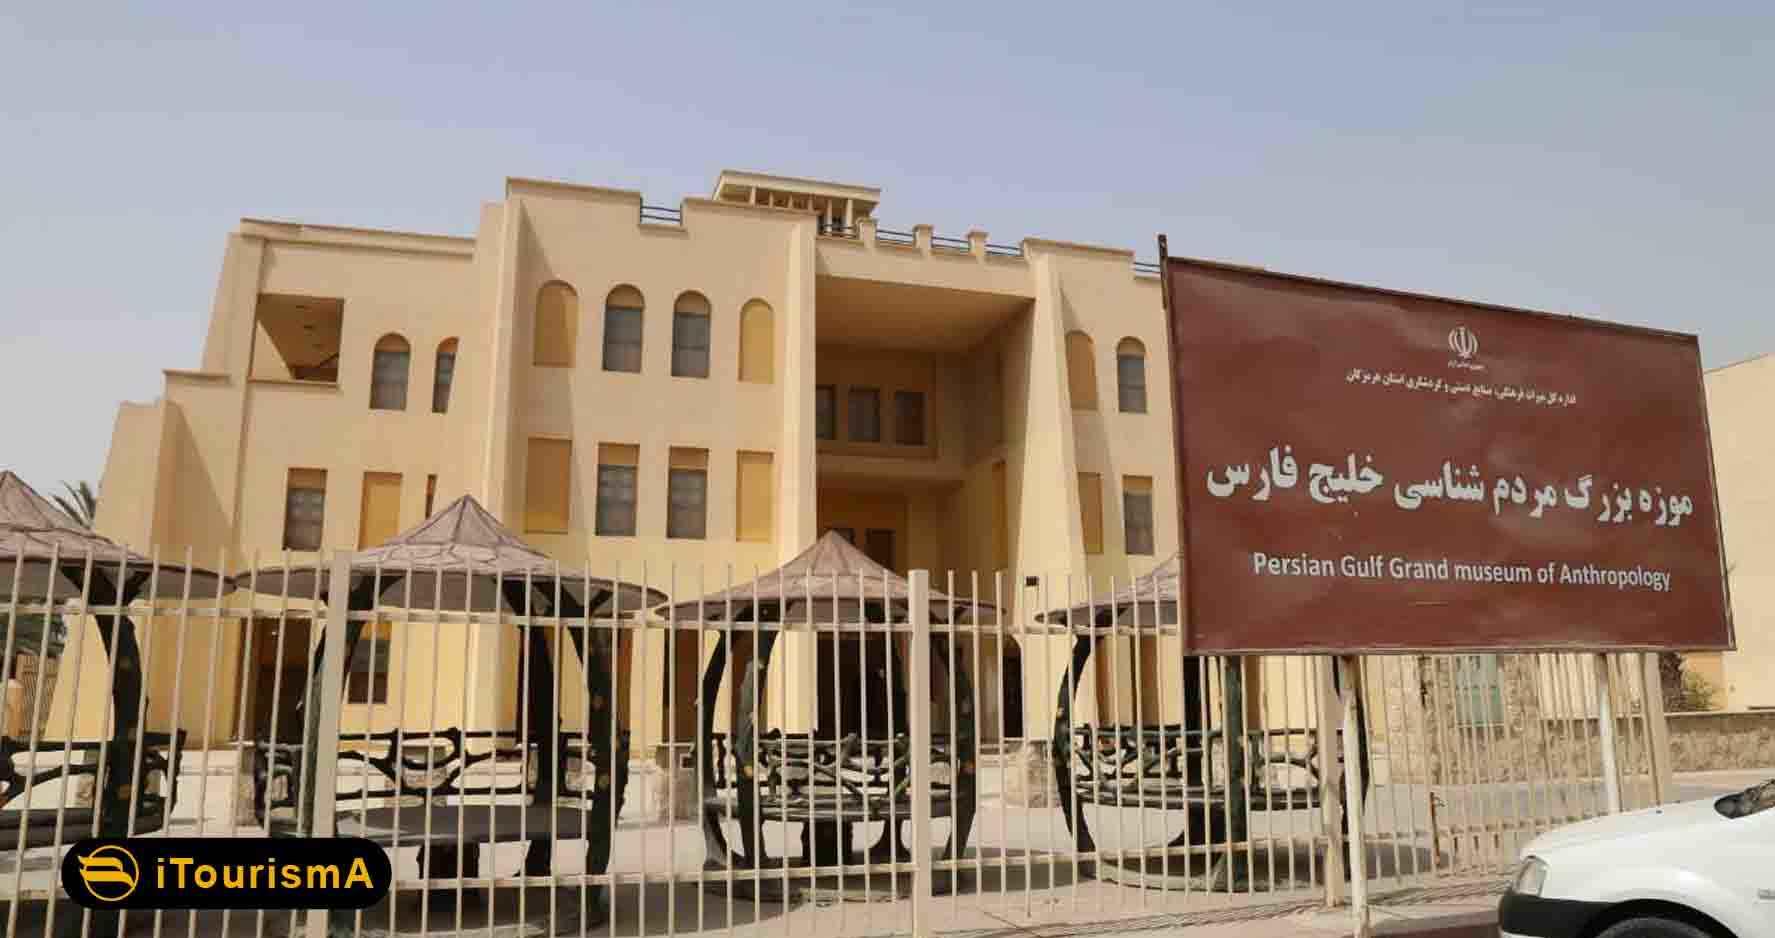 موزه مردم شناسی خلیج فارس بندرعباس